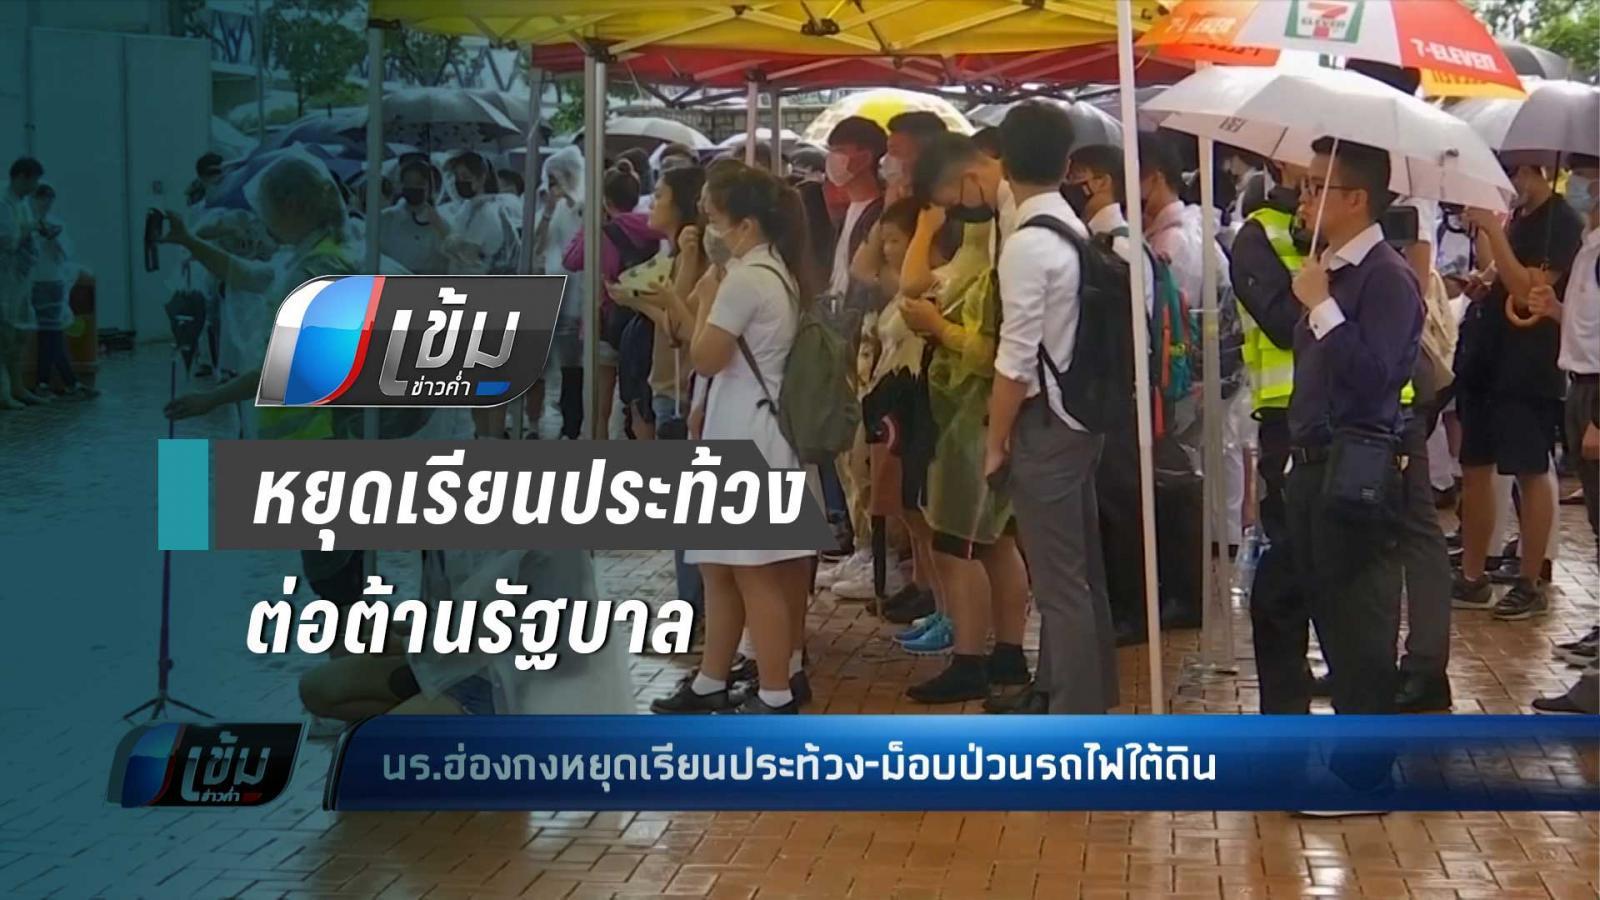 นักเรียน-นักศึกษาฮ่องกง หยุดเรียนประท้วงรัฐบาล